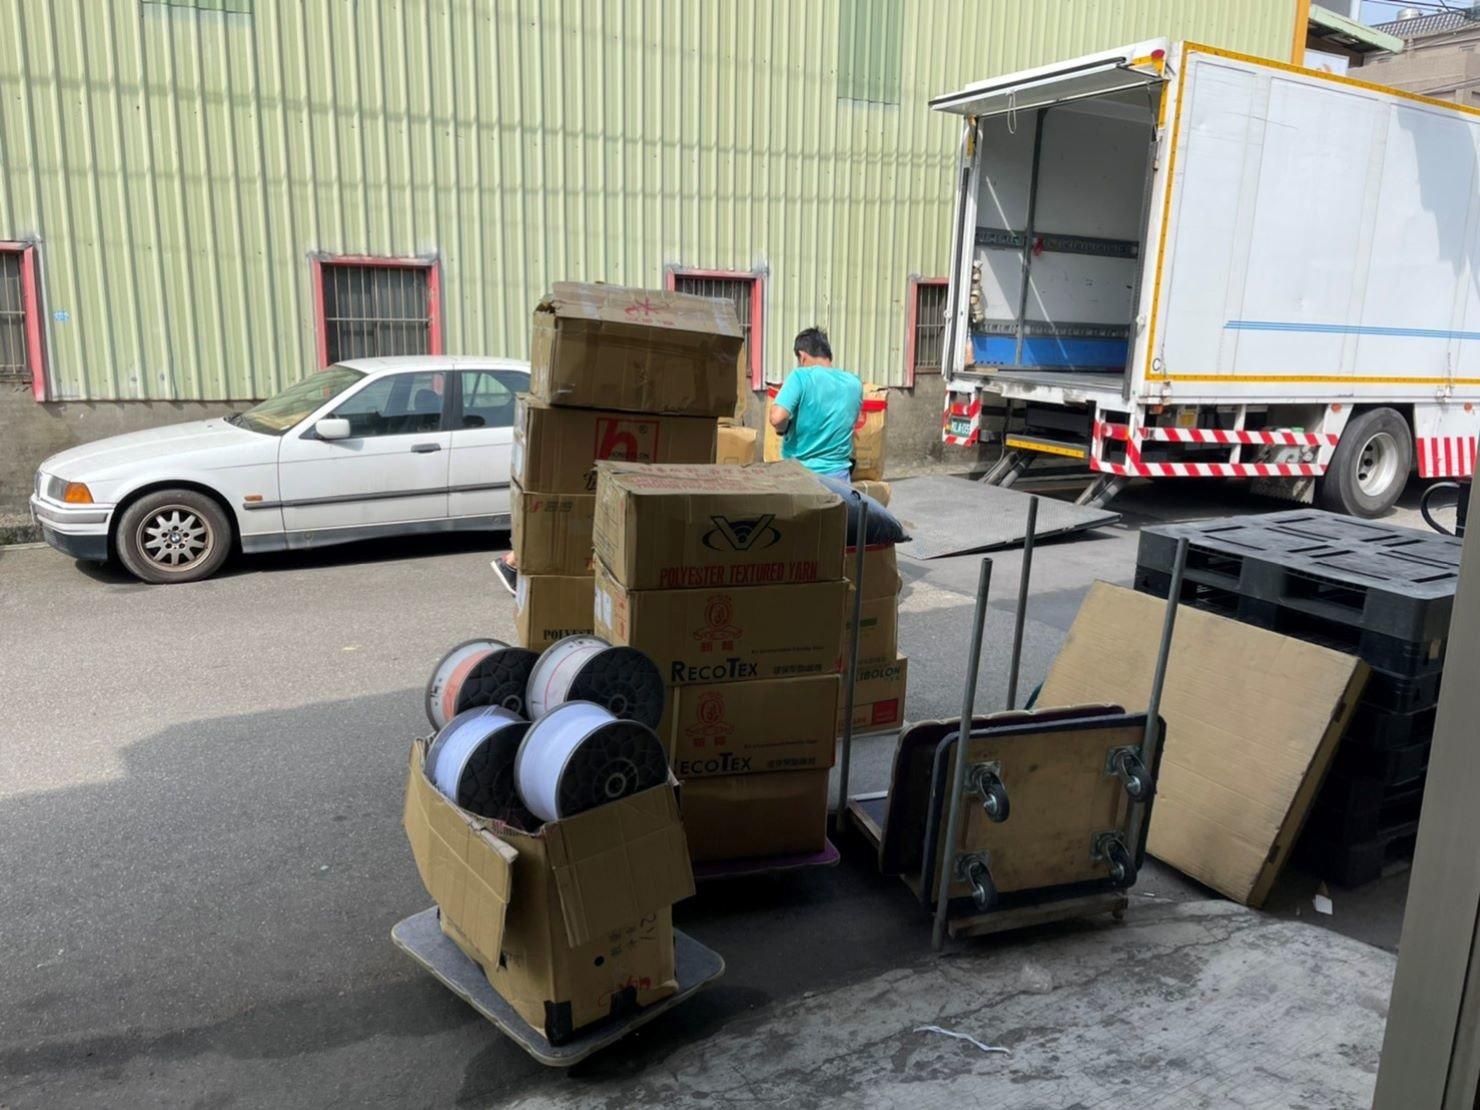 廠房遷移、搬製帶機器、搬重物【榮福搬家公司】大型織帶機搬運、公司行號搬遷、石墩搬運、搬石椅、搬石頭桌、搬洗衣機、搬披薩窯、精搬金庫、搬保險櫃、精搬魚缸、精搬鋼琴、搬醫療床、大型健身器材搬運、大型廚具設備搬運、各式各樣機台搬運、跨縣市搬家、搬工計時、人力搬運、搬運、搬床墊、營業用冰箱搬運、大型家具運送、重物搬運首選、吊掛搬運、吊家具搬運、特殊重物搬運、專搬重物、重物搬運器、手動油壓拖板車、新北搬家推薦、搬家公司、基隆搬家、南港搬家、桃園搬家公司、台北搬家公司推薦:大台北搬家,精緻包裝搬運「細膩包裝、專業搬運、用心服務、以客為尊」是榮福搬家公司的宗旨與精神。歡迎立即來電02-2651-2727專人服務。